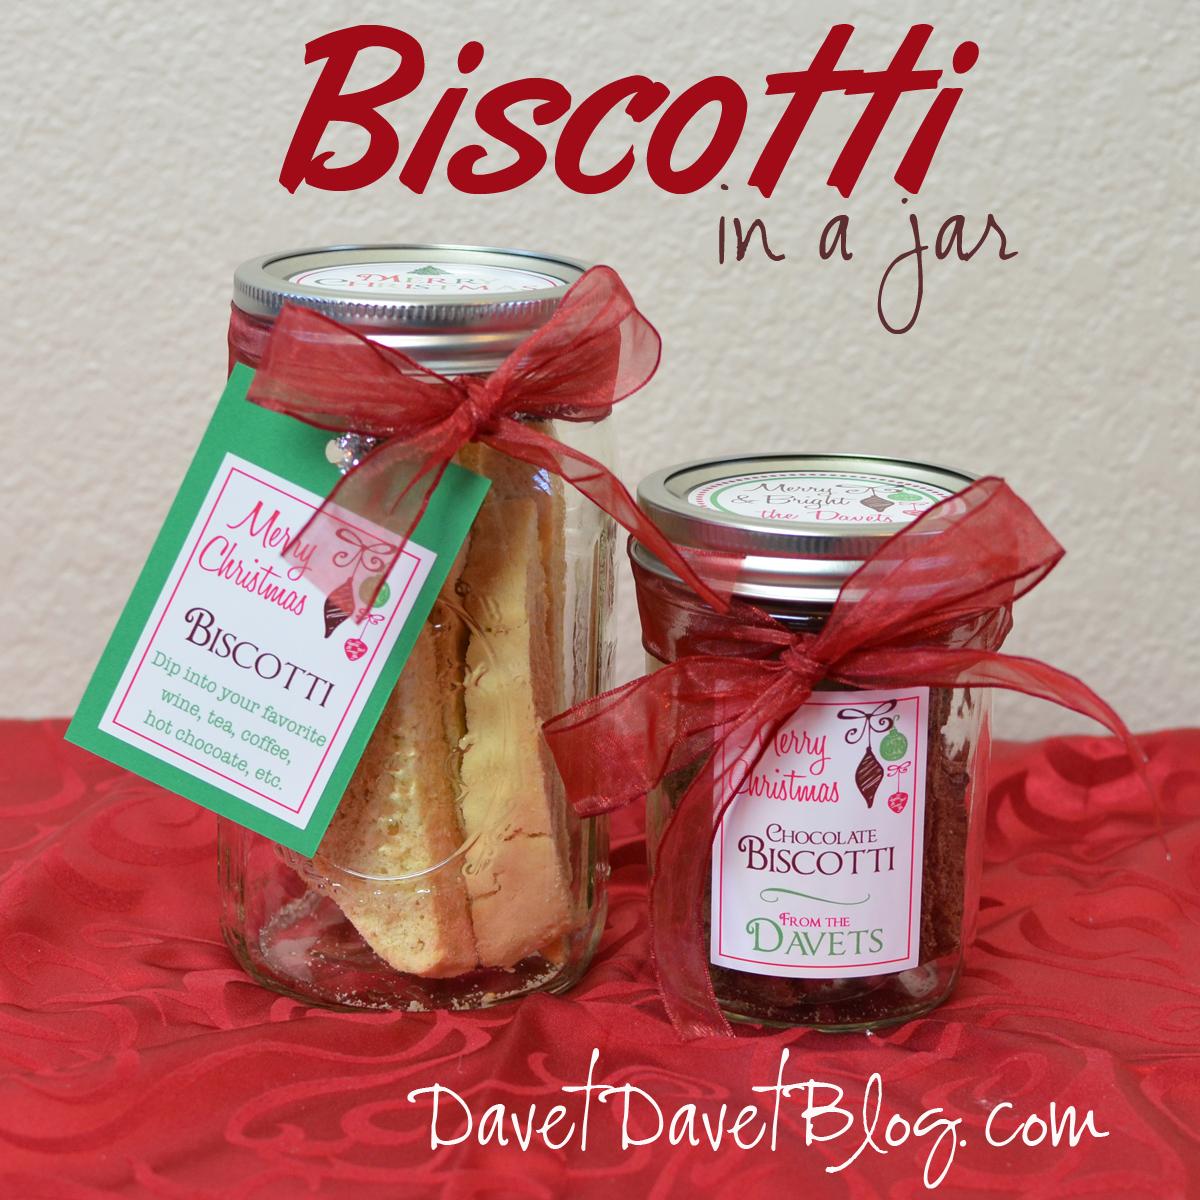 Italian Biscotti in a Jar